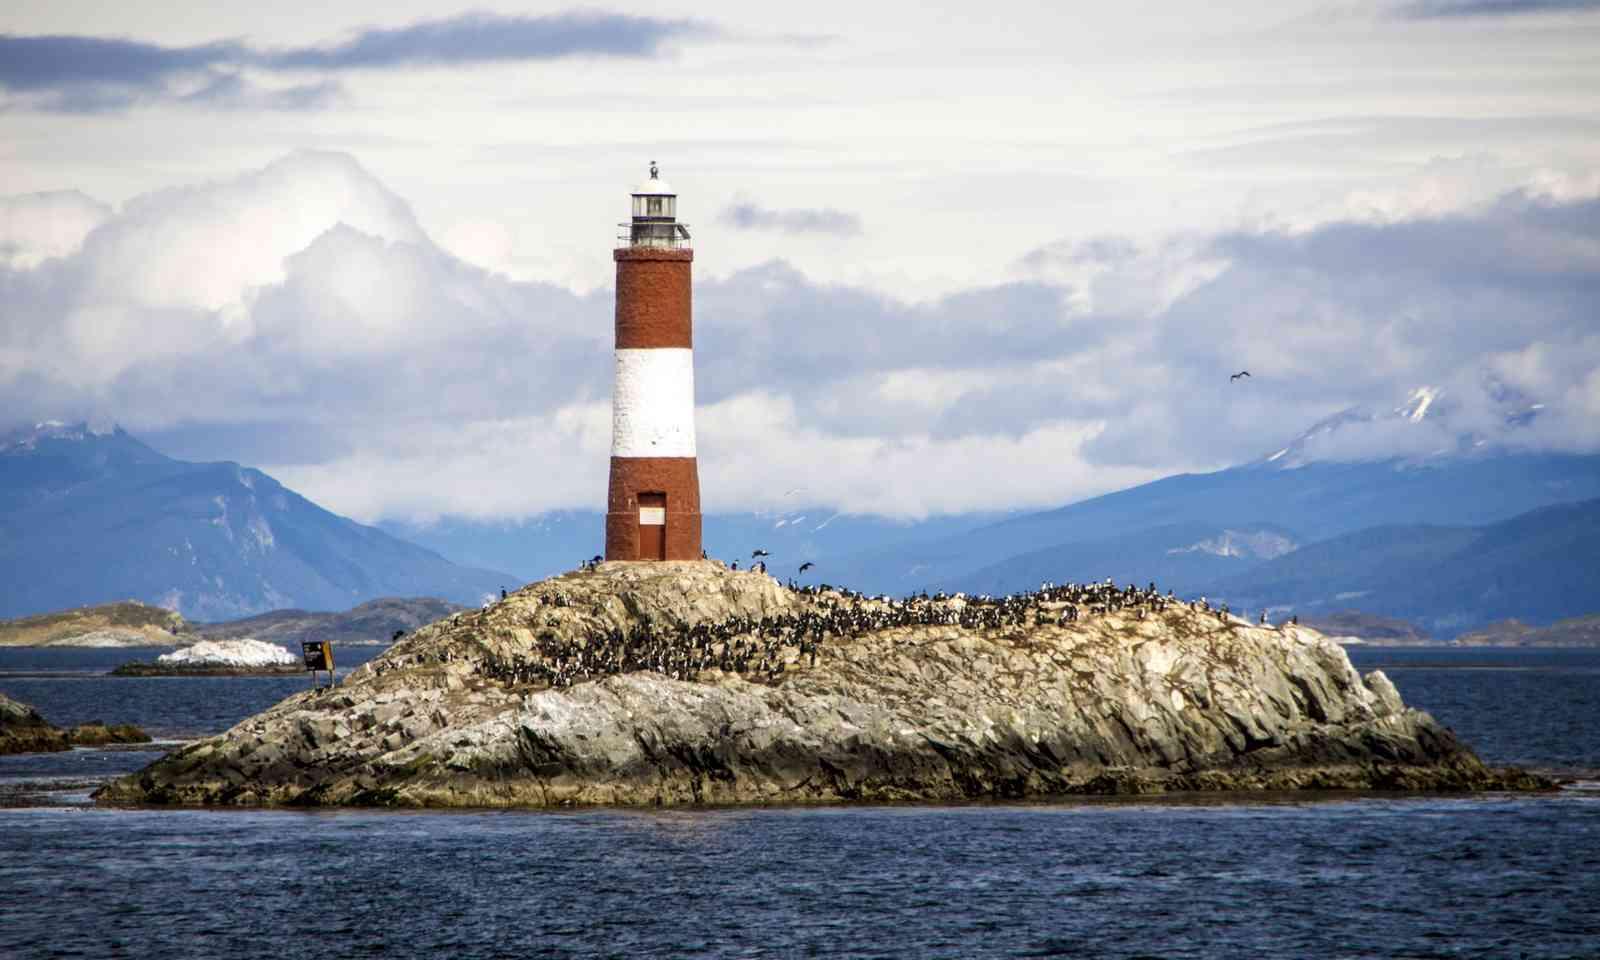 Les Eclaireurs lighthouse (Dreamstime)